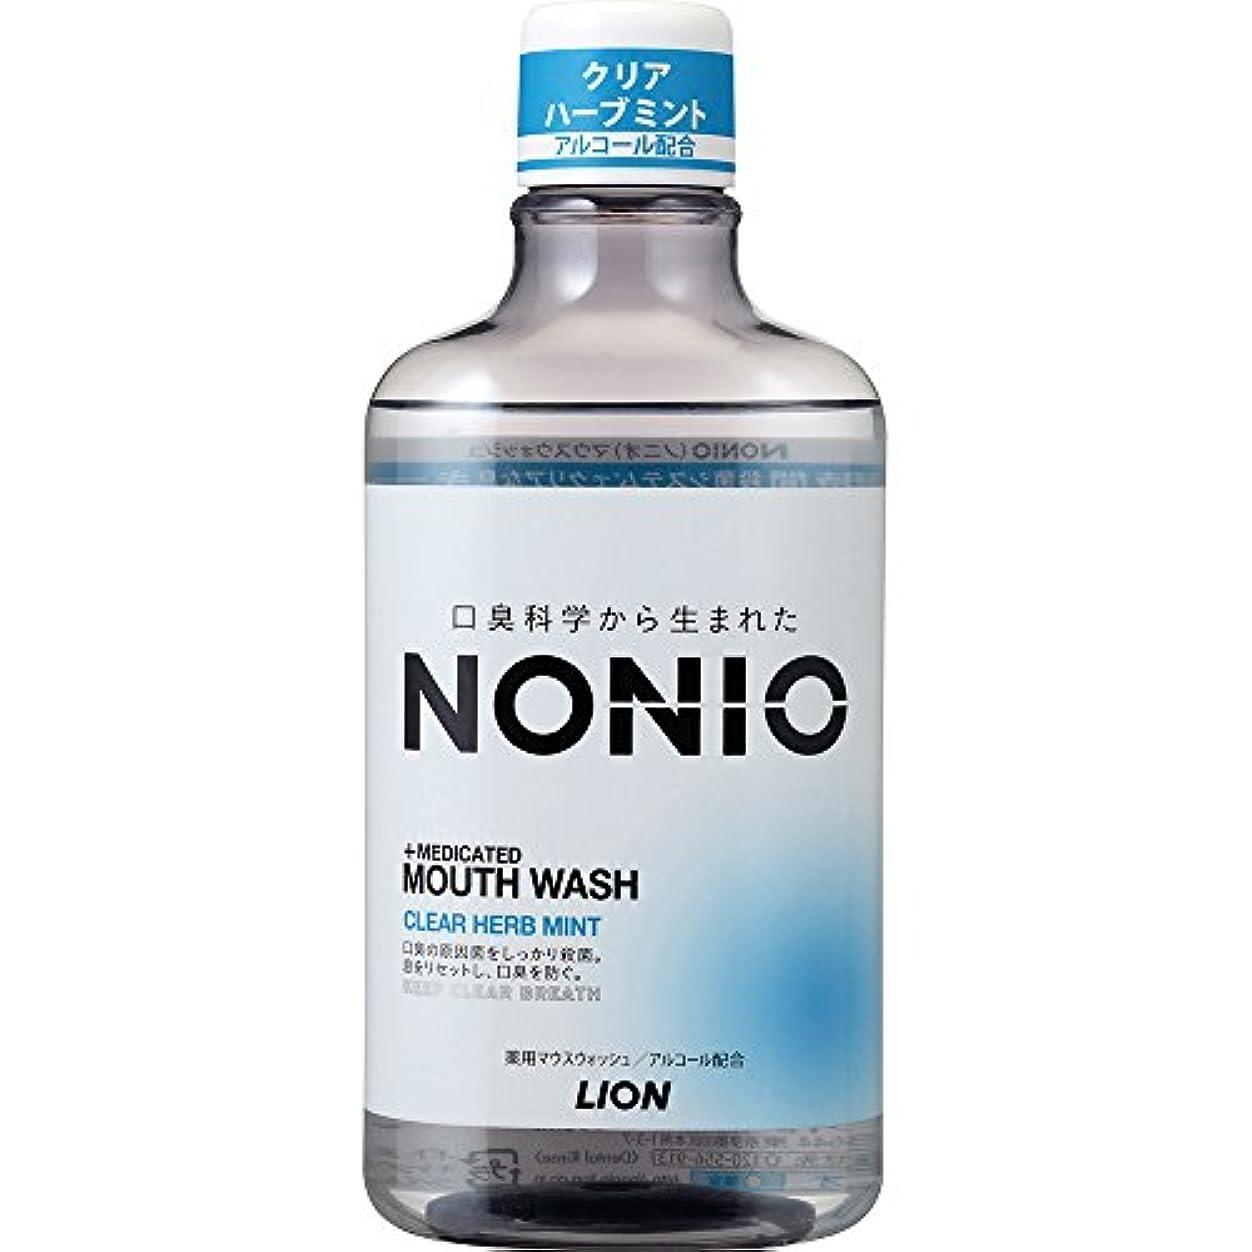 いつも消毒するカバー[医薬部外品]NONIO マウスウォッシュ クリアハーブミント 600ml 洗口液